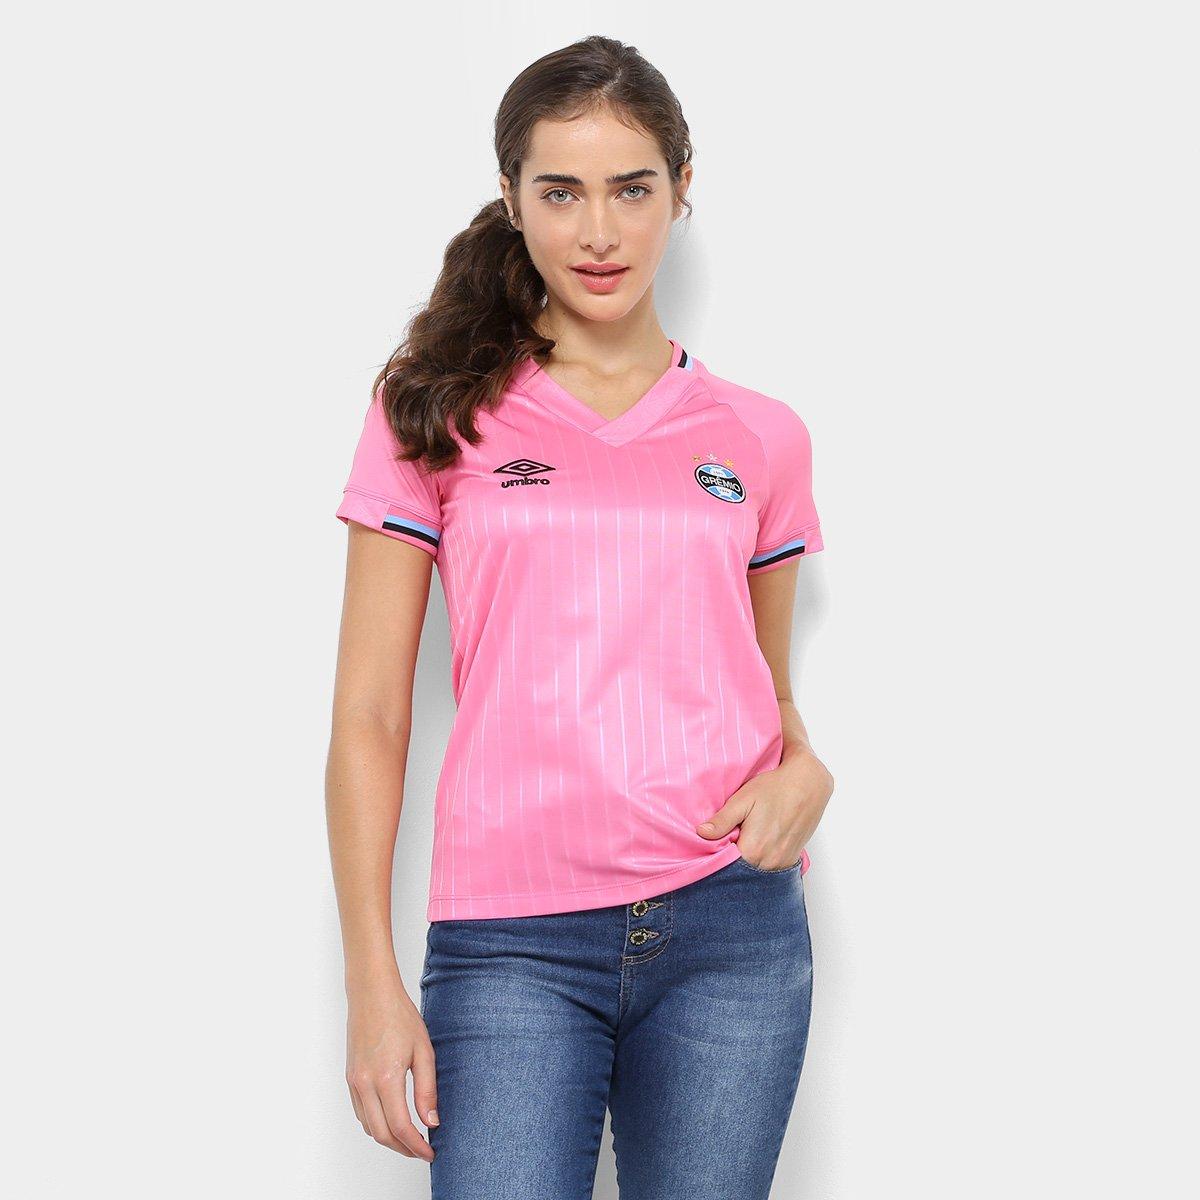 6c9c76ff6dc08 Camisa Grêmio Outubro Rosa 2018 Umbro Feminina - Rosa e Preto - Compre Agora